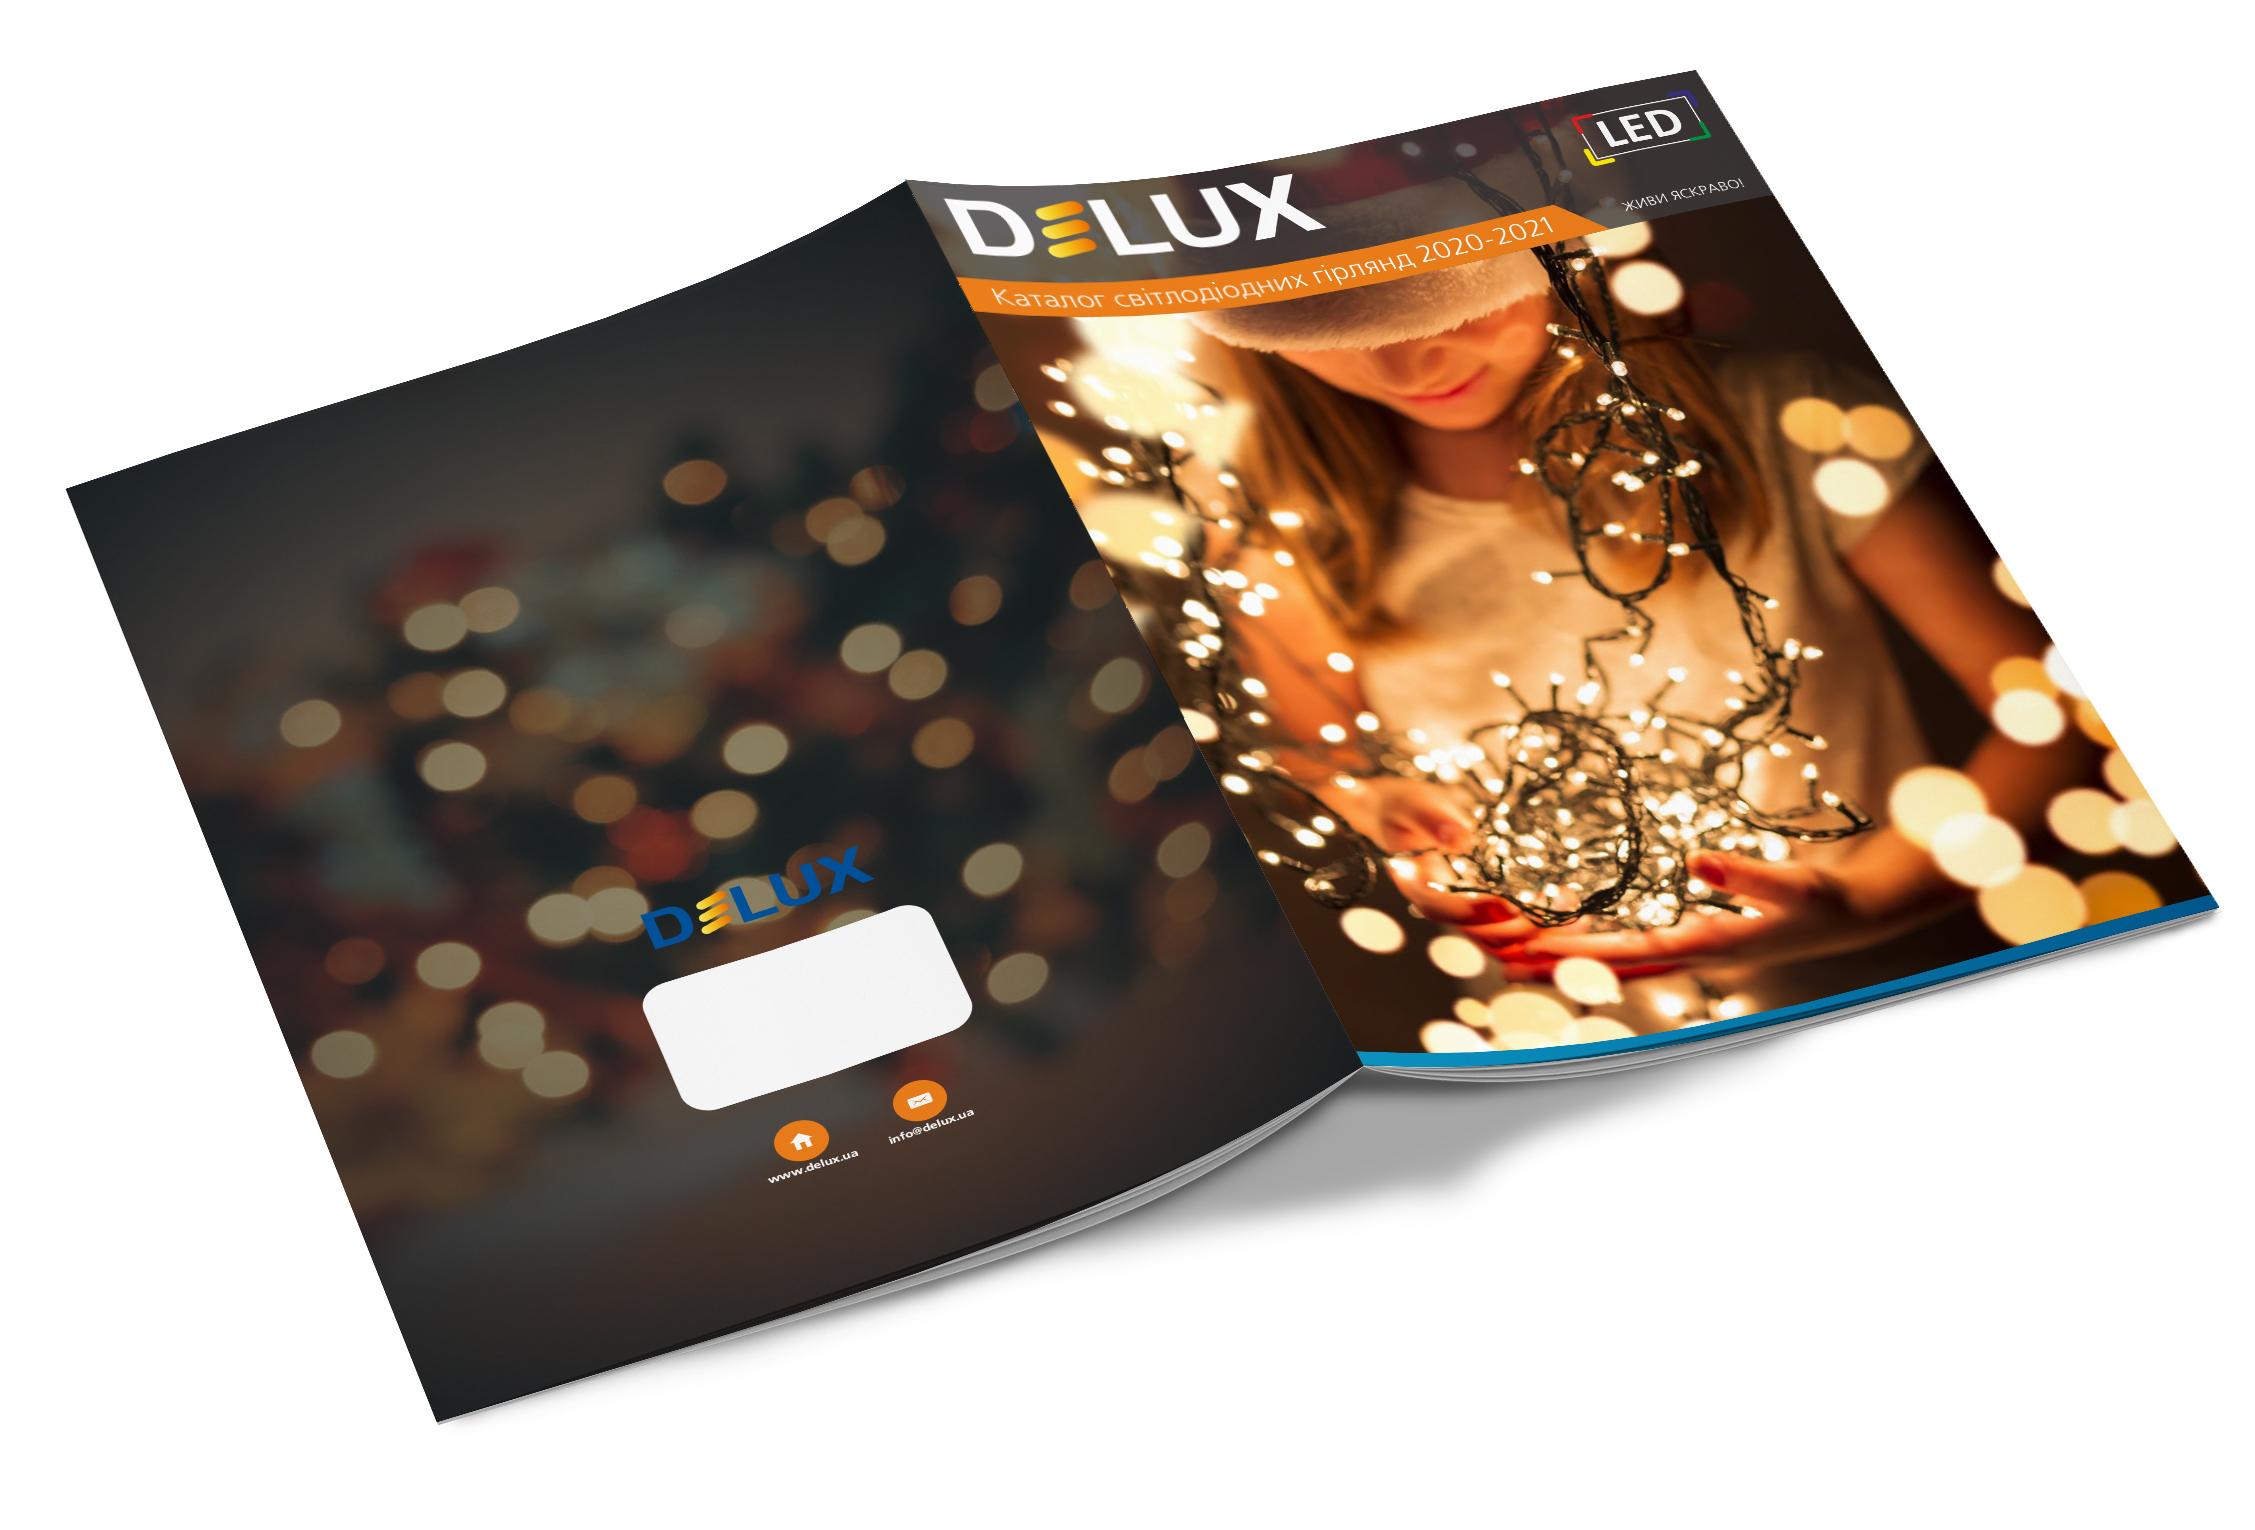 Каталог світлодіодних гирлянд Delux 2021